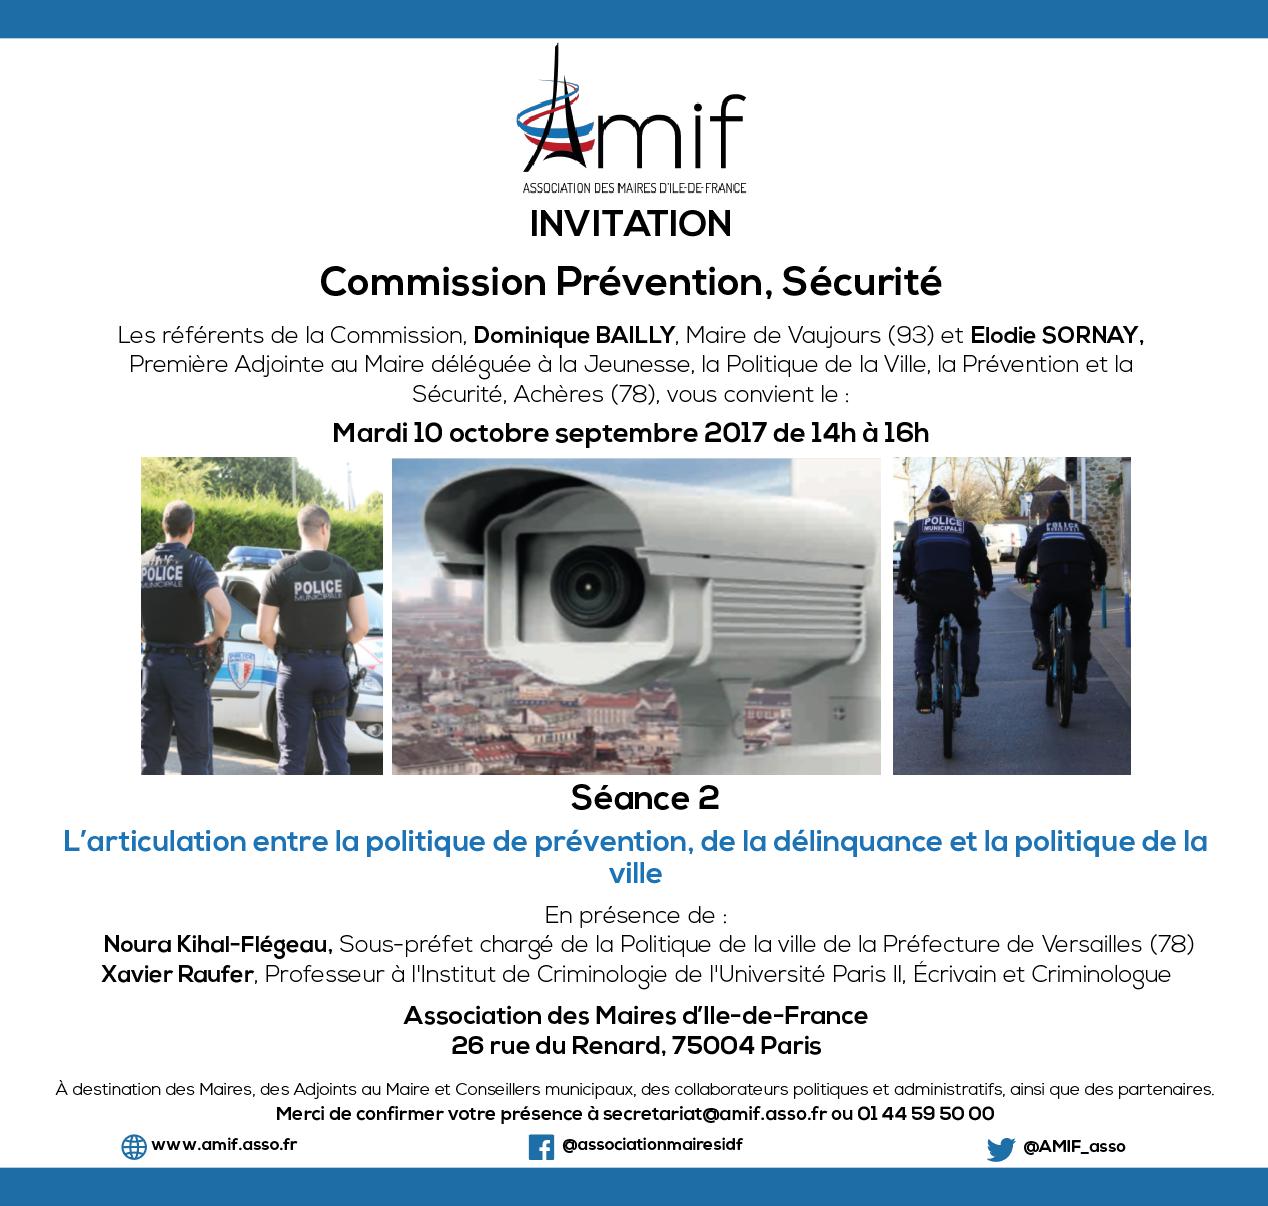 Commission Prévention, sécurité - Séance 2 - Mardi 10 octobre 2017 - 14h-16h